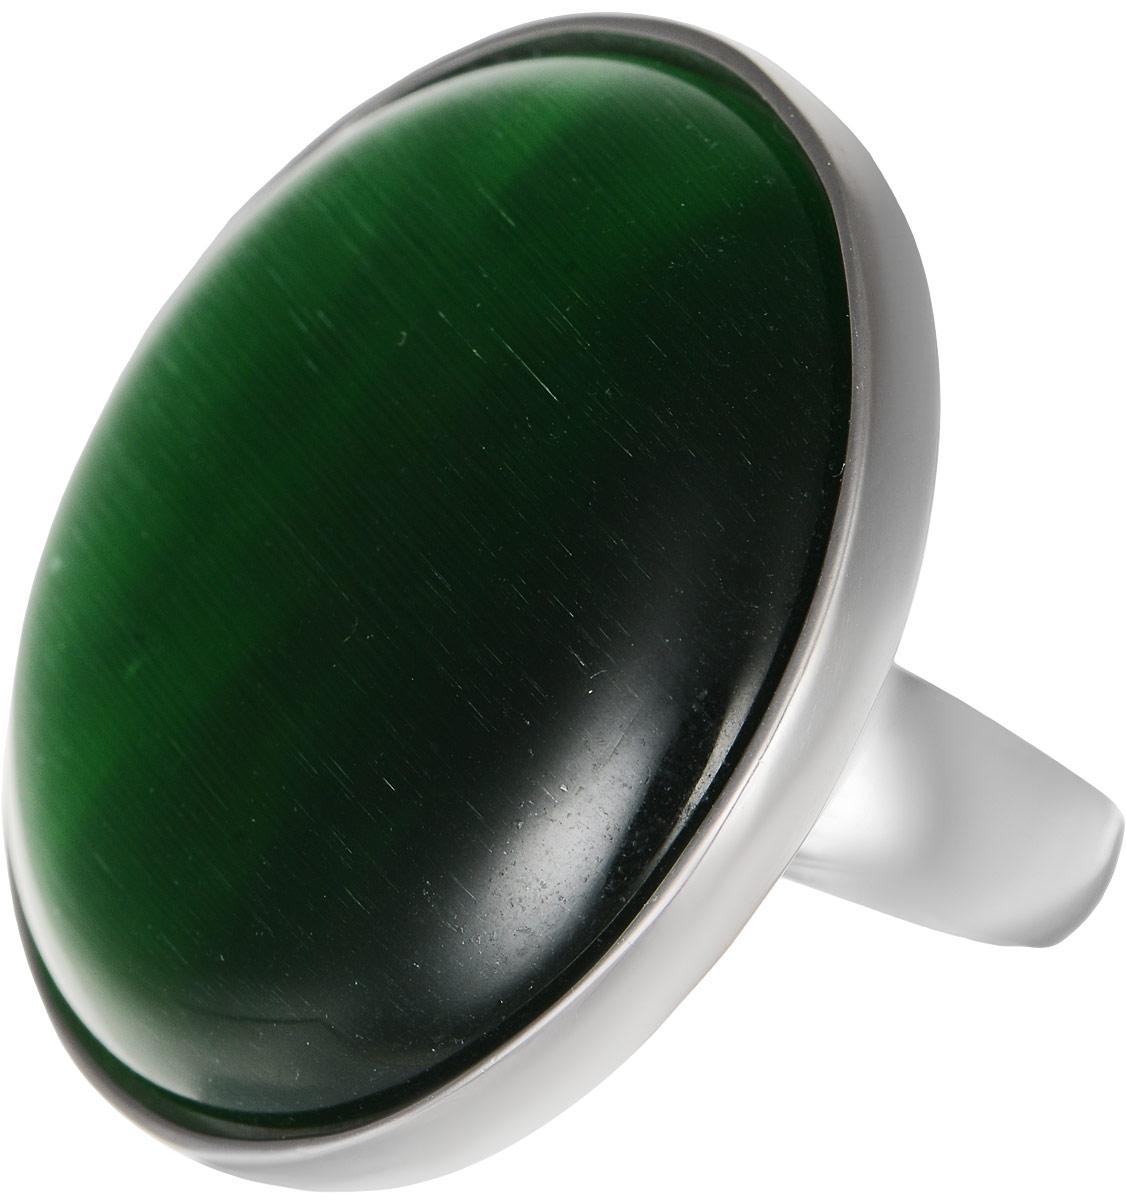 Кольцо Polina Selezneva, цвет: серебристый, зеленый. DG-0020. Размер 19DG-0020-09Оригинальное кольцо Polina Selezneva выполнено из бижутерийного сплава. Изделие круглой формы, дополнено искусственным камнем. Такое кольцо это блестящее завершение вашего неповторимого, смелого образа и отличный подарок для ценительницы необычных украшений!